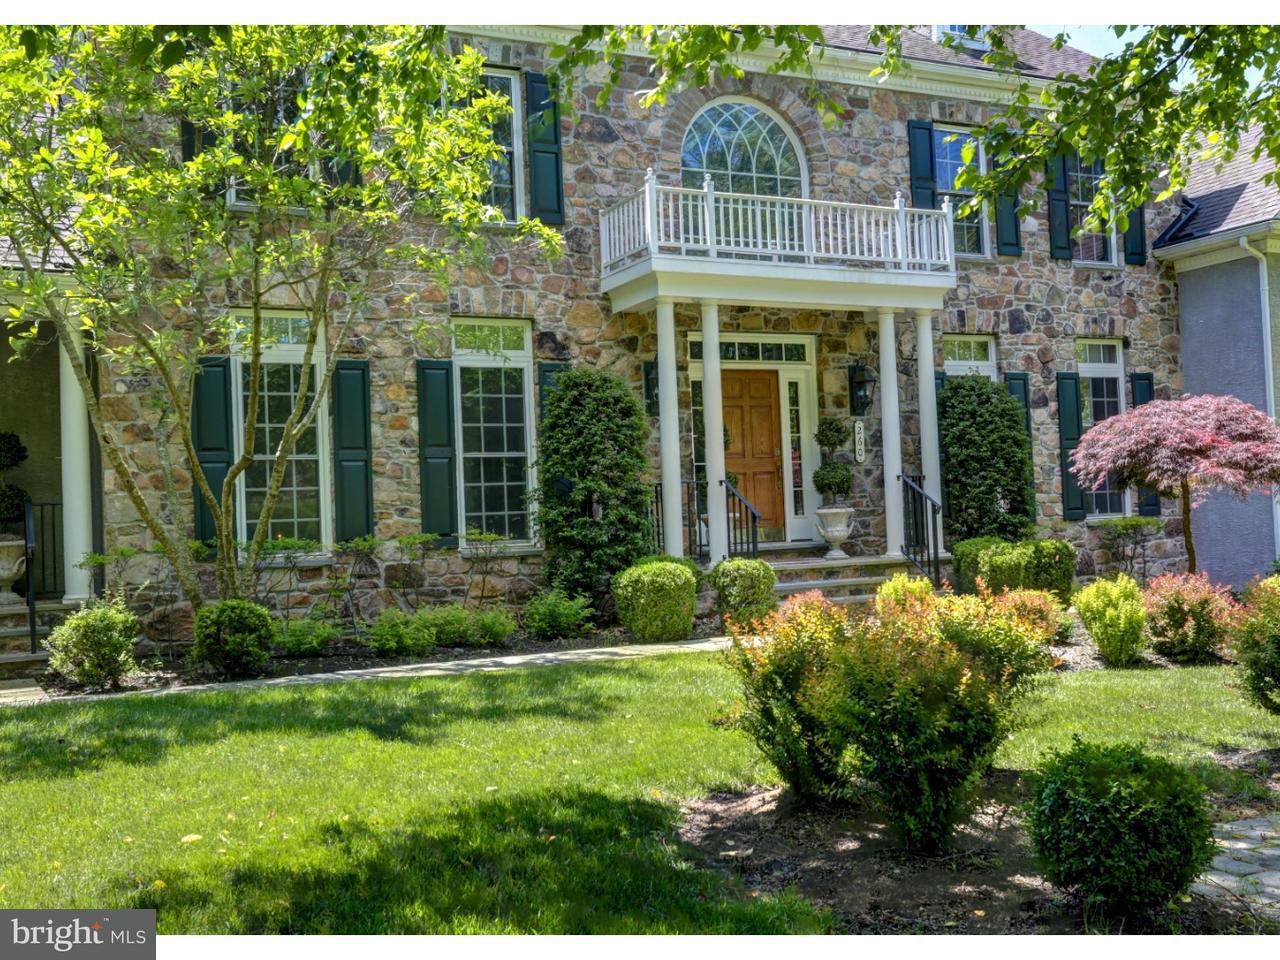 Tek Ailelik Ev için Satış at 260 VALLEY PARK Phoenixville, Pennsylvania 19460 Amerika Birleşik Devletleri